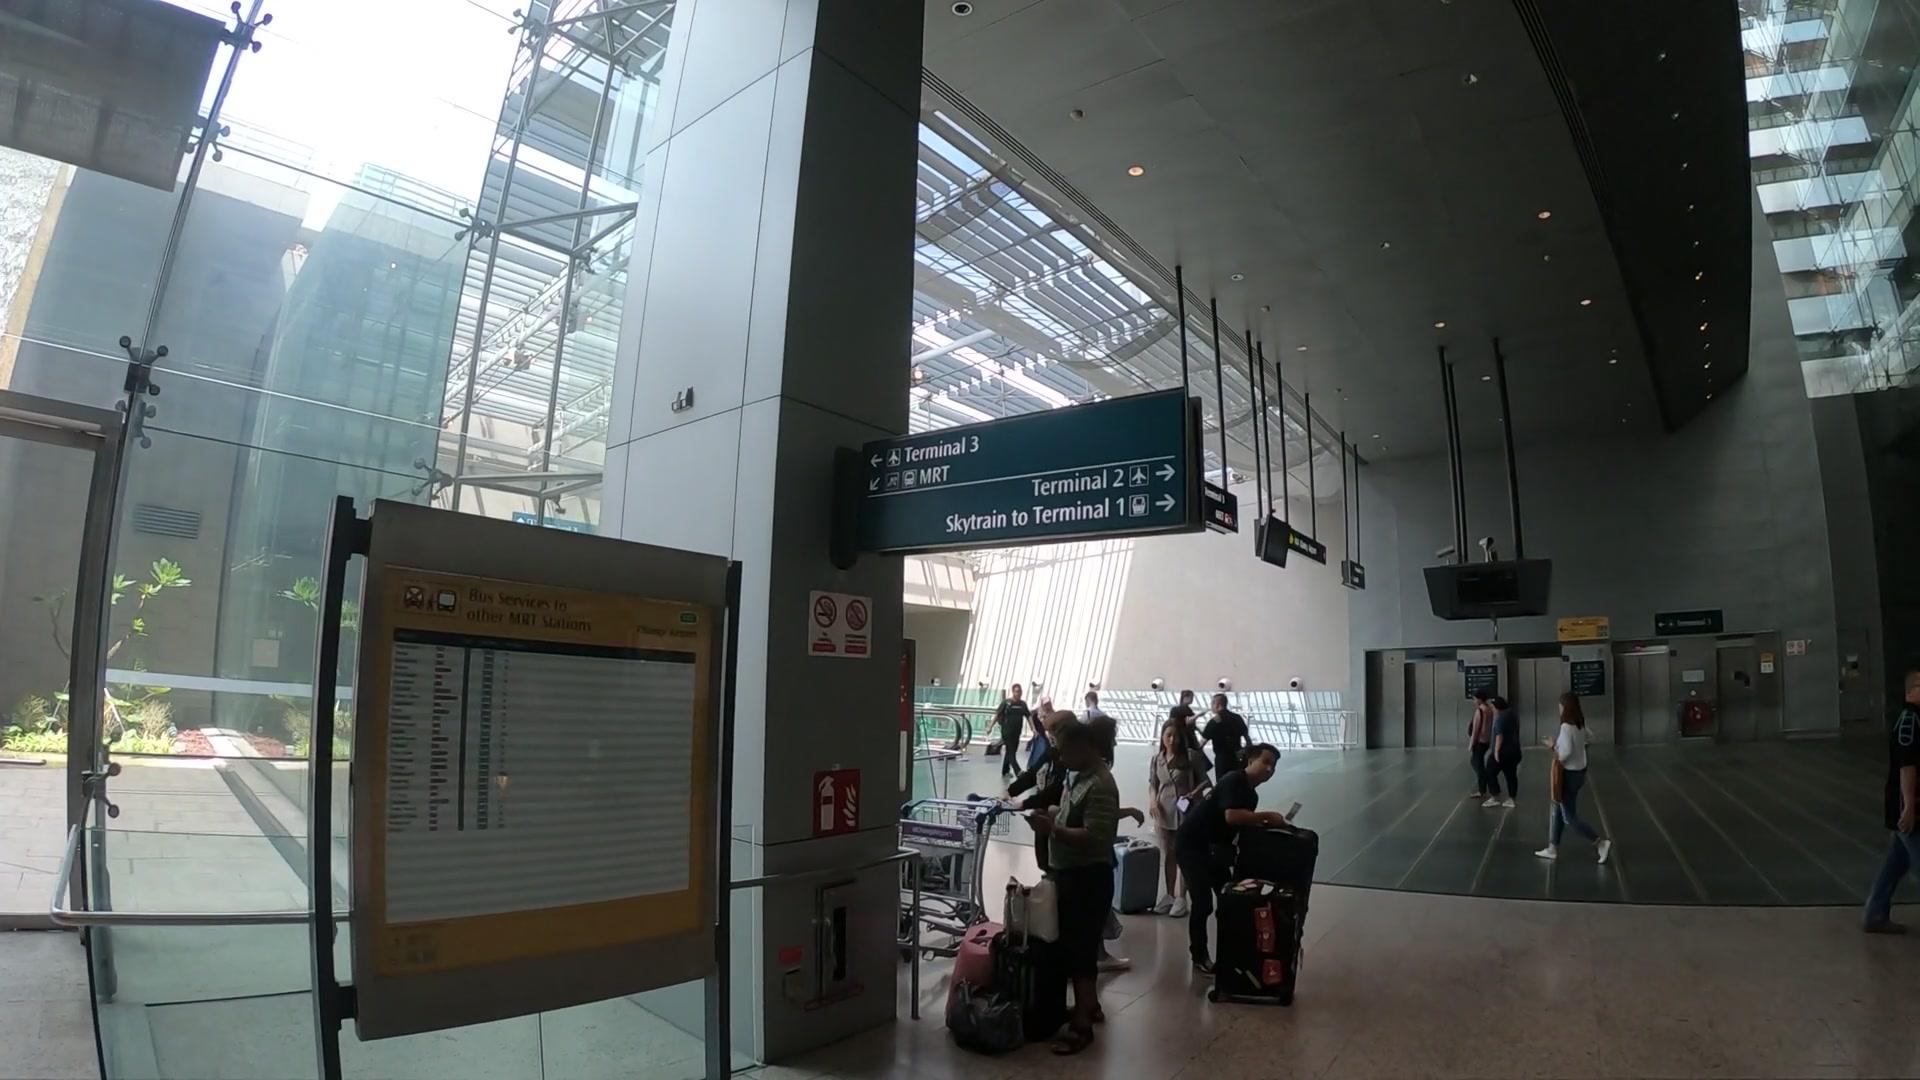 チャンギ国際空港 MRT 行き方